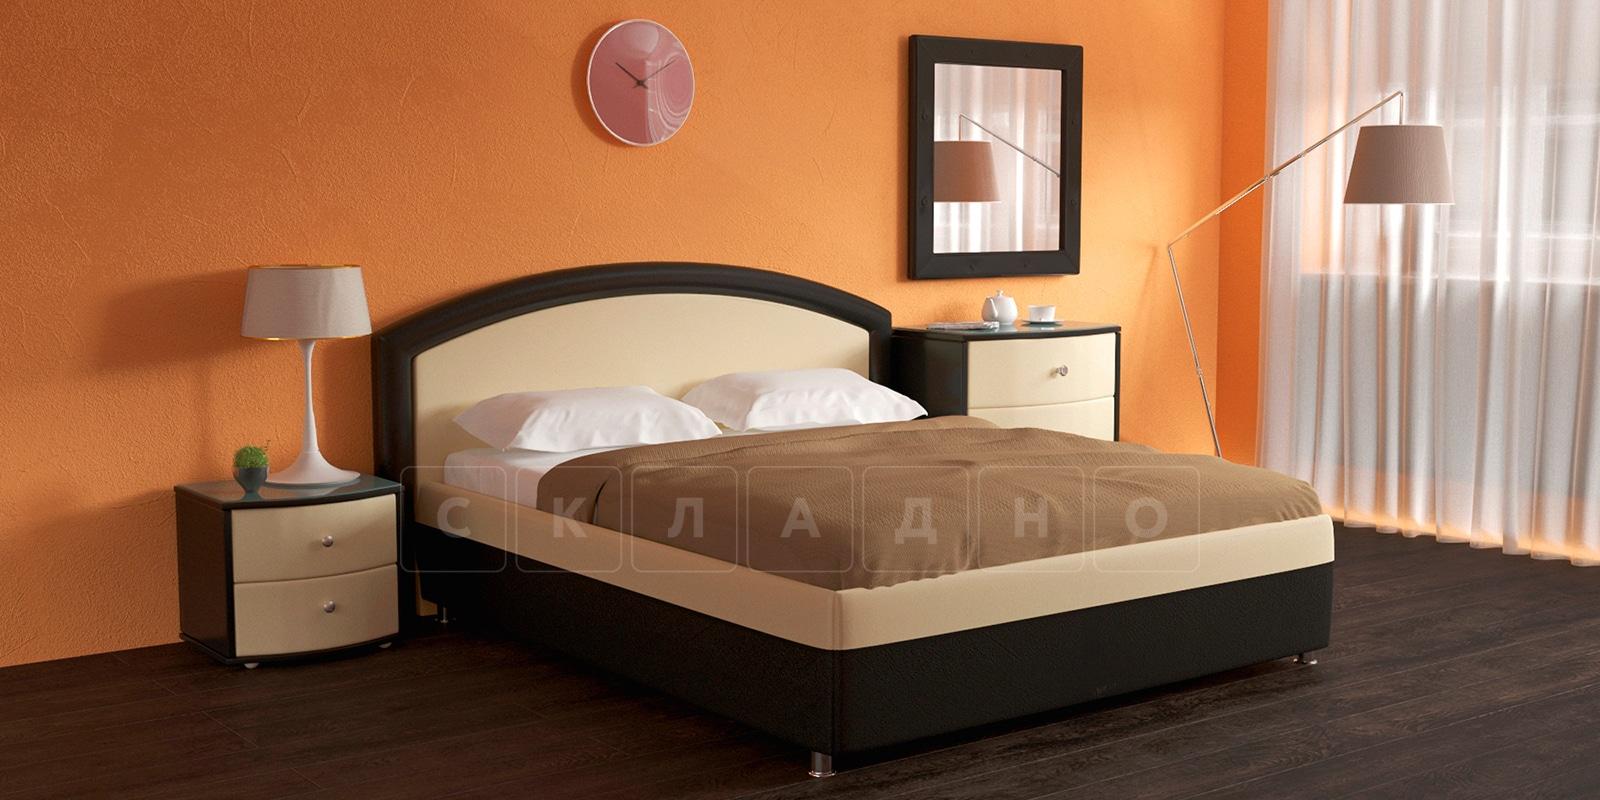 Мягкая кровать Малибу 160см экокожа бежевый-шоколад вариант 8-2 фото 2   интернет-магазин Складно